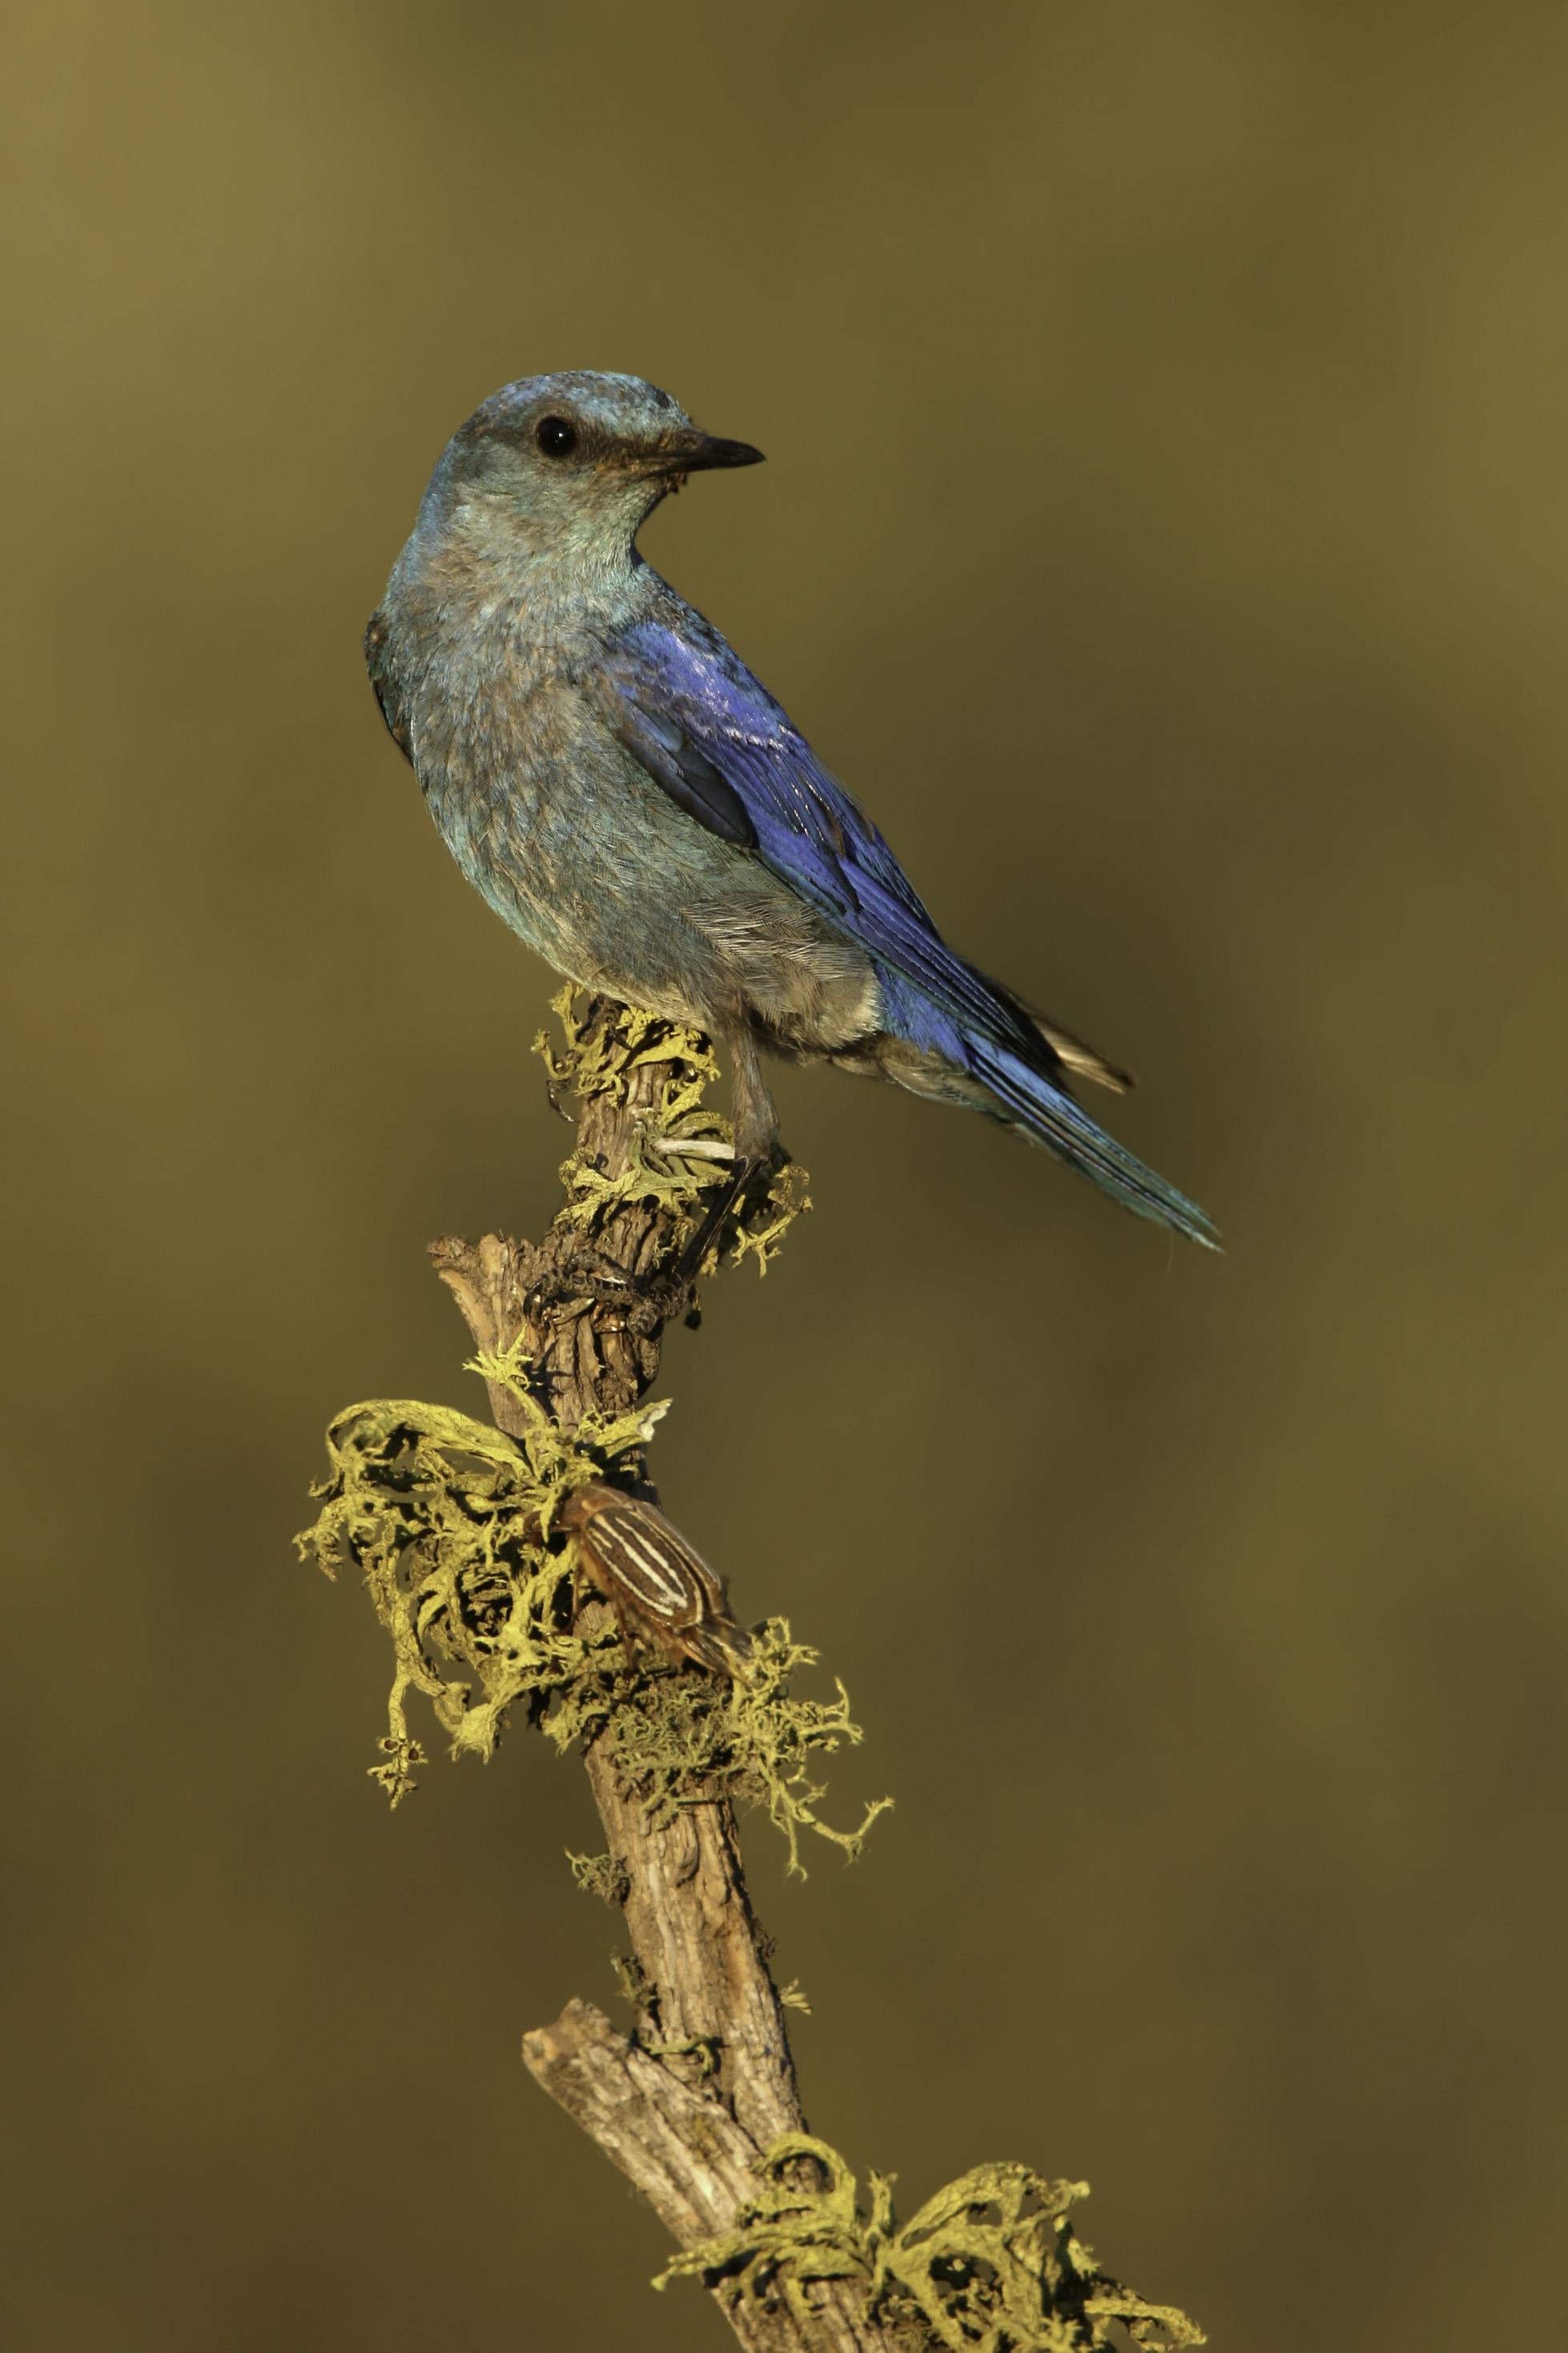 mountain_bluebird_h7457.jpg